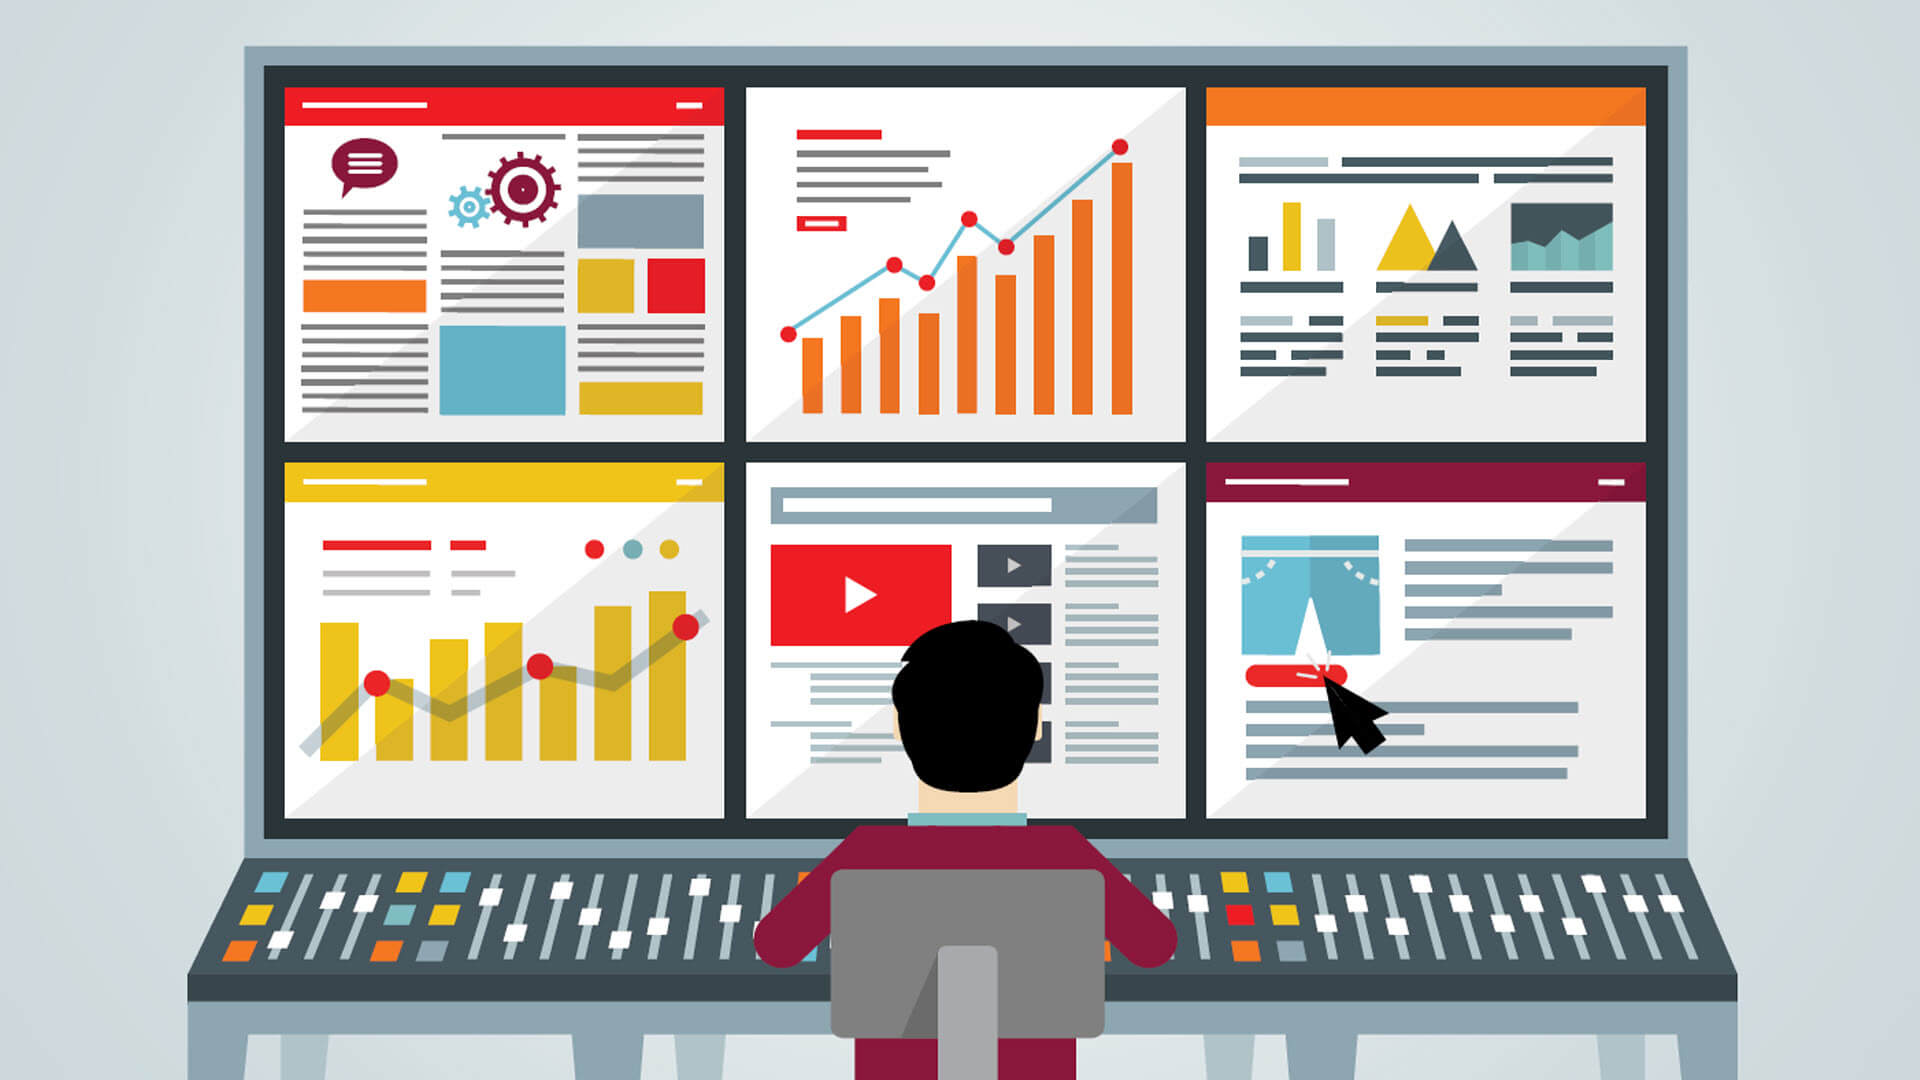 Programmatic advertising là gì? Programmatic advertising đóng vai trò quan trọng trong chiến dịch truyền thông online